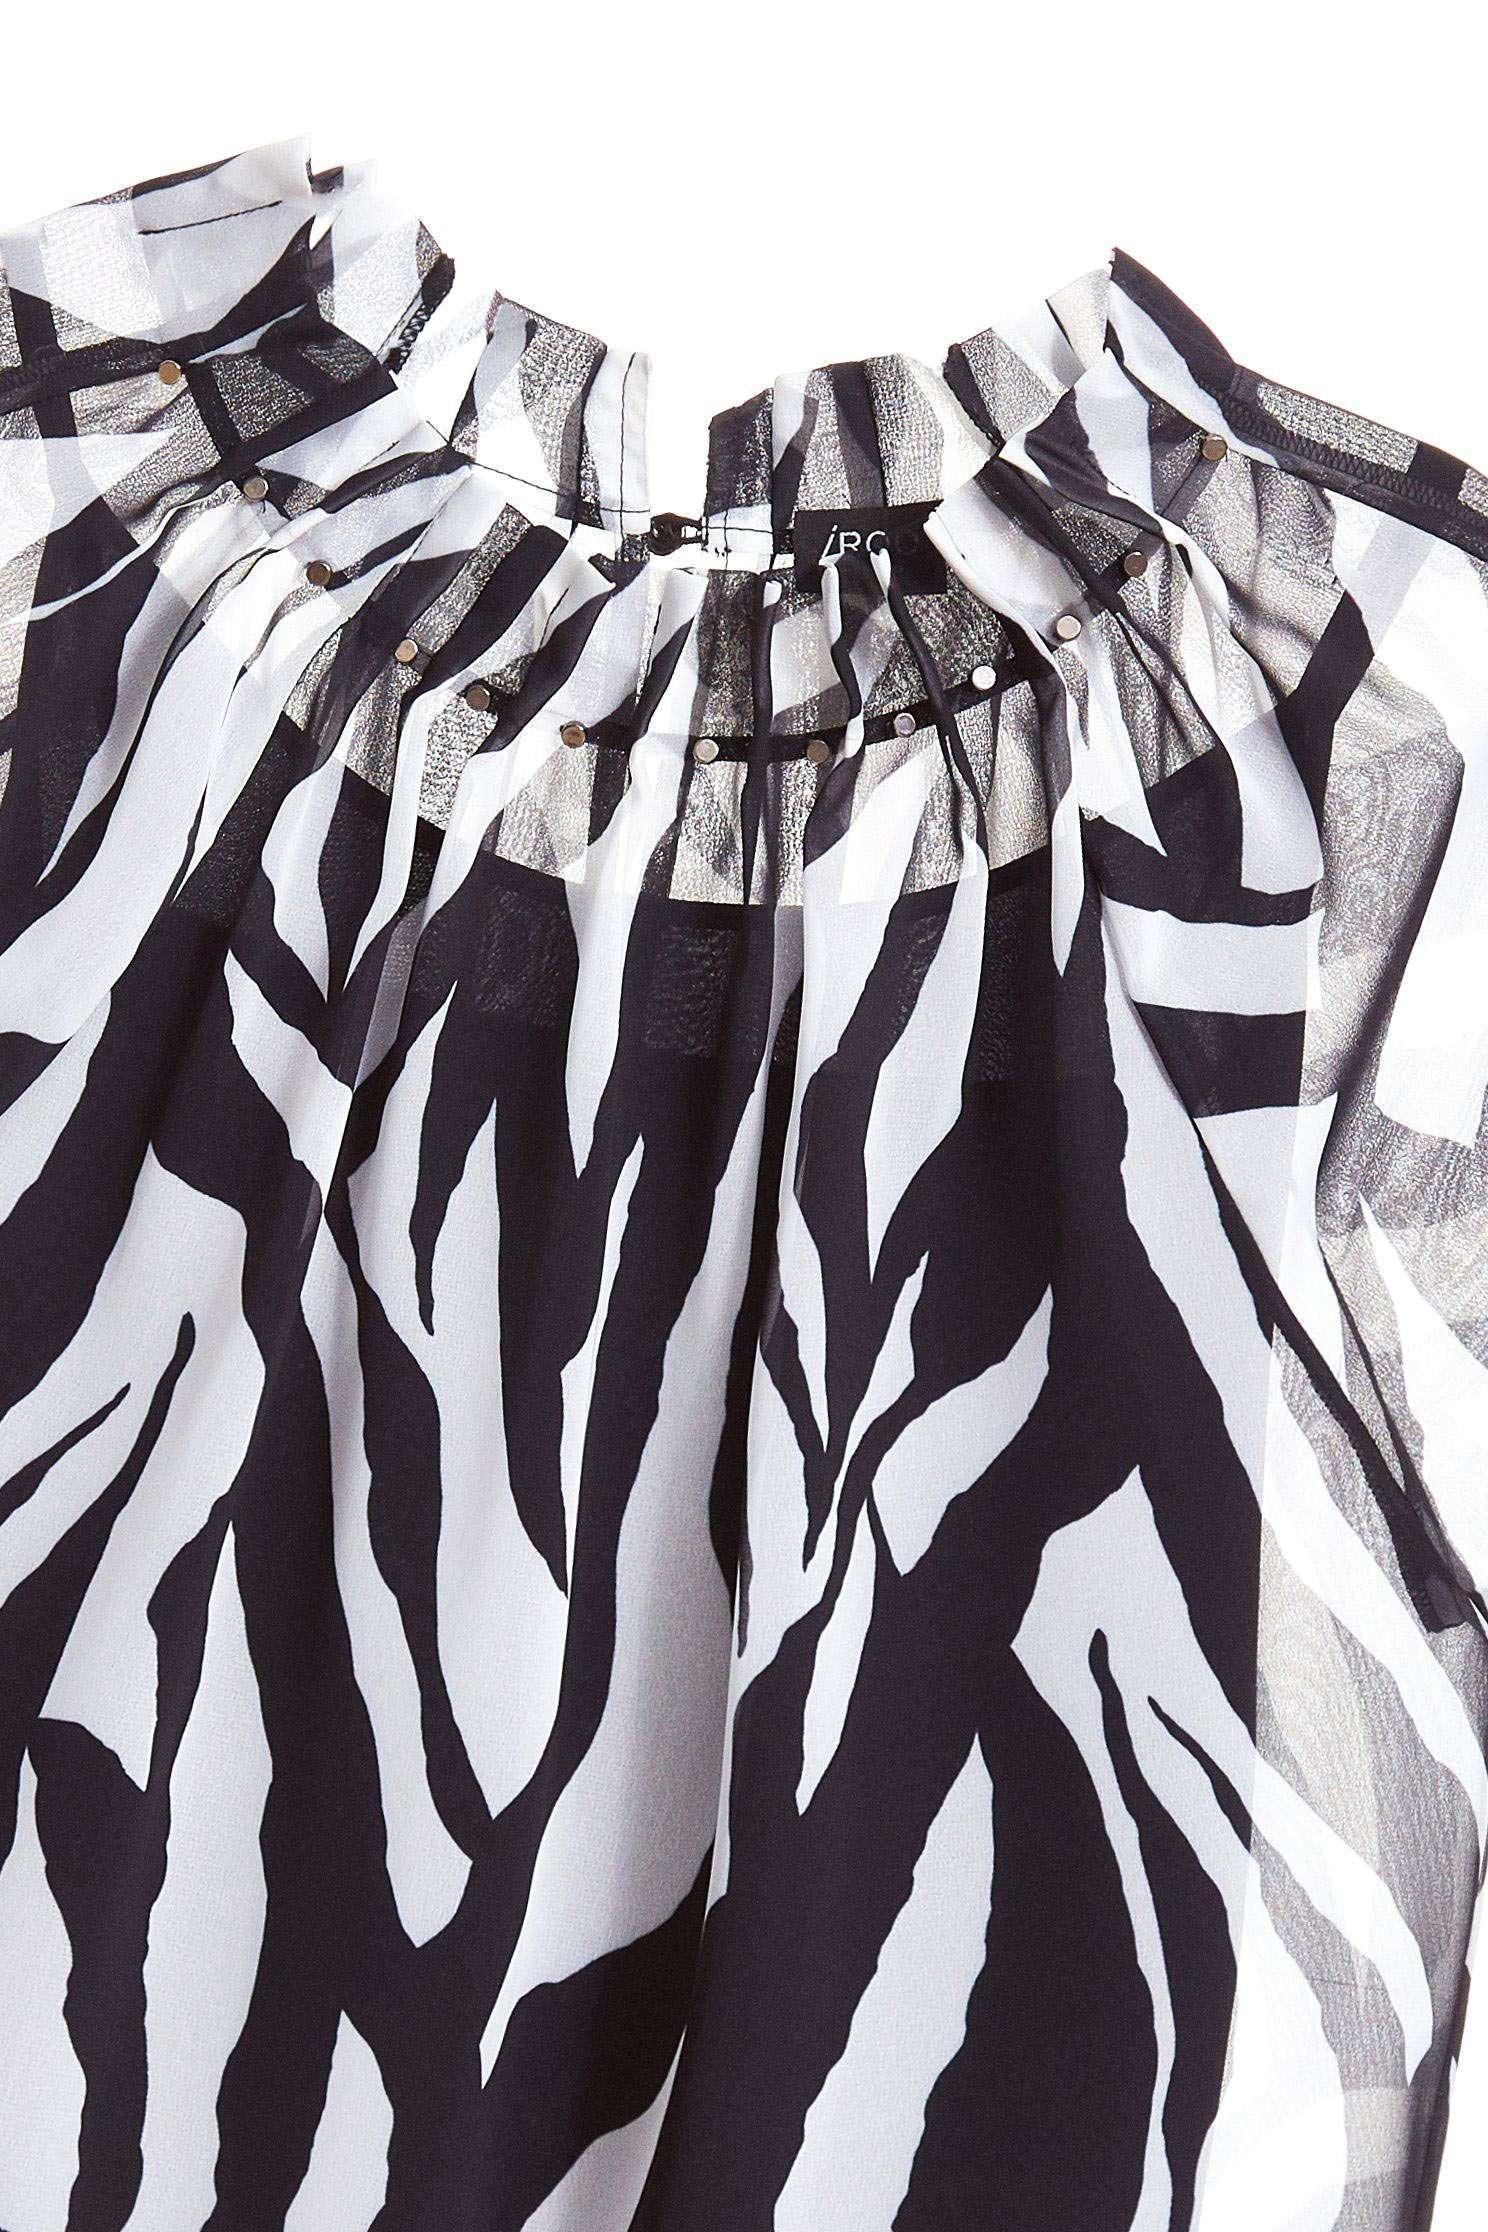 斑馬紋經典時尚上衣,上衣,短袖上衣,秋冬穿搭,透膚上衣,雪紡,雪紡上衣